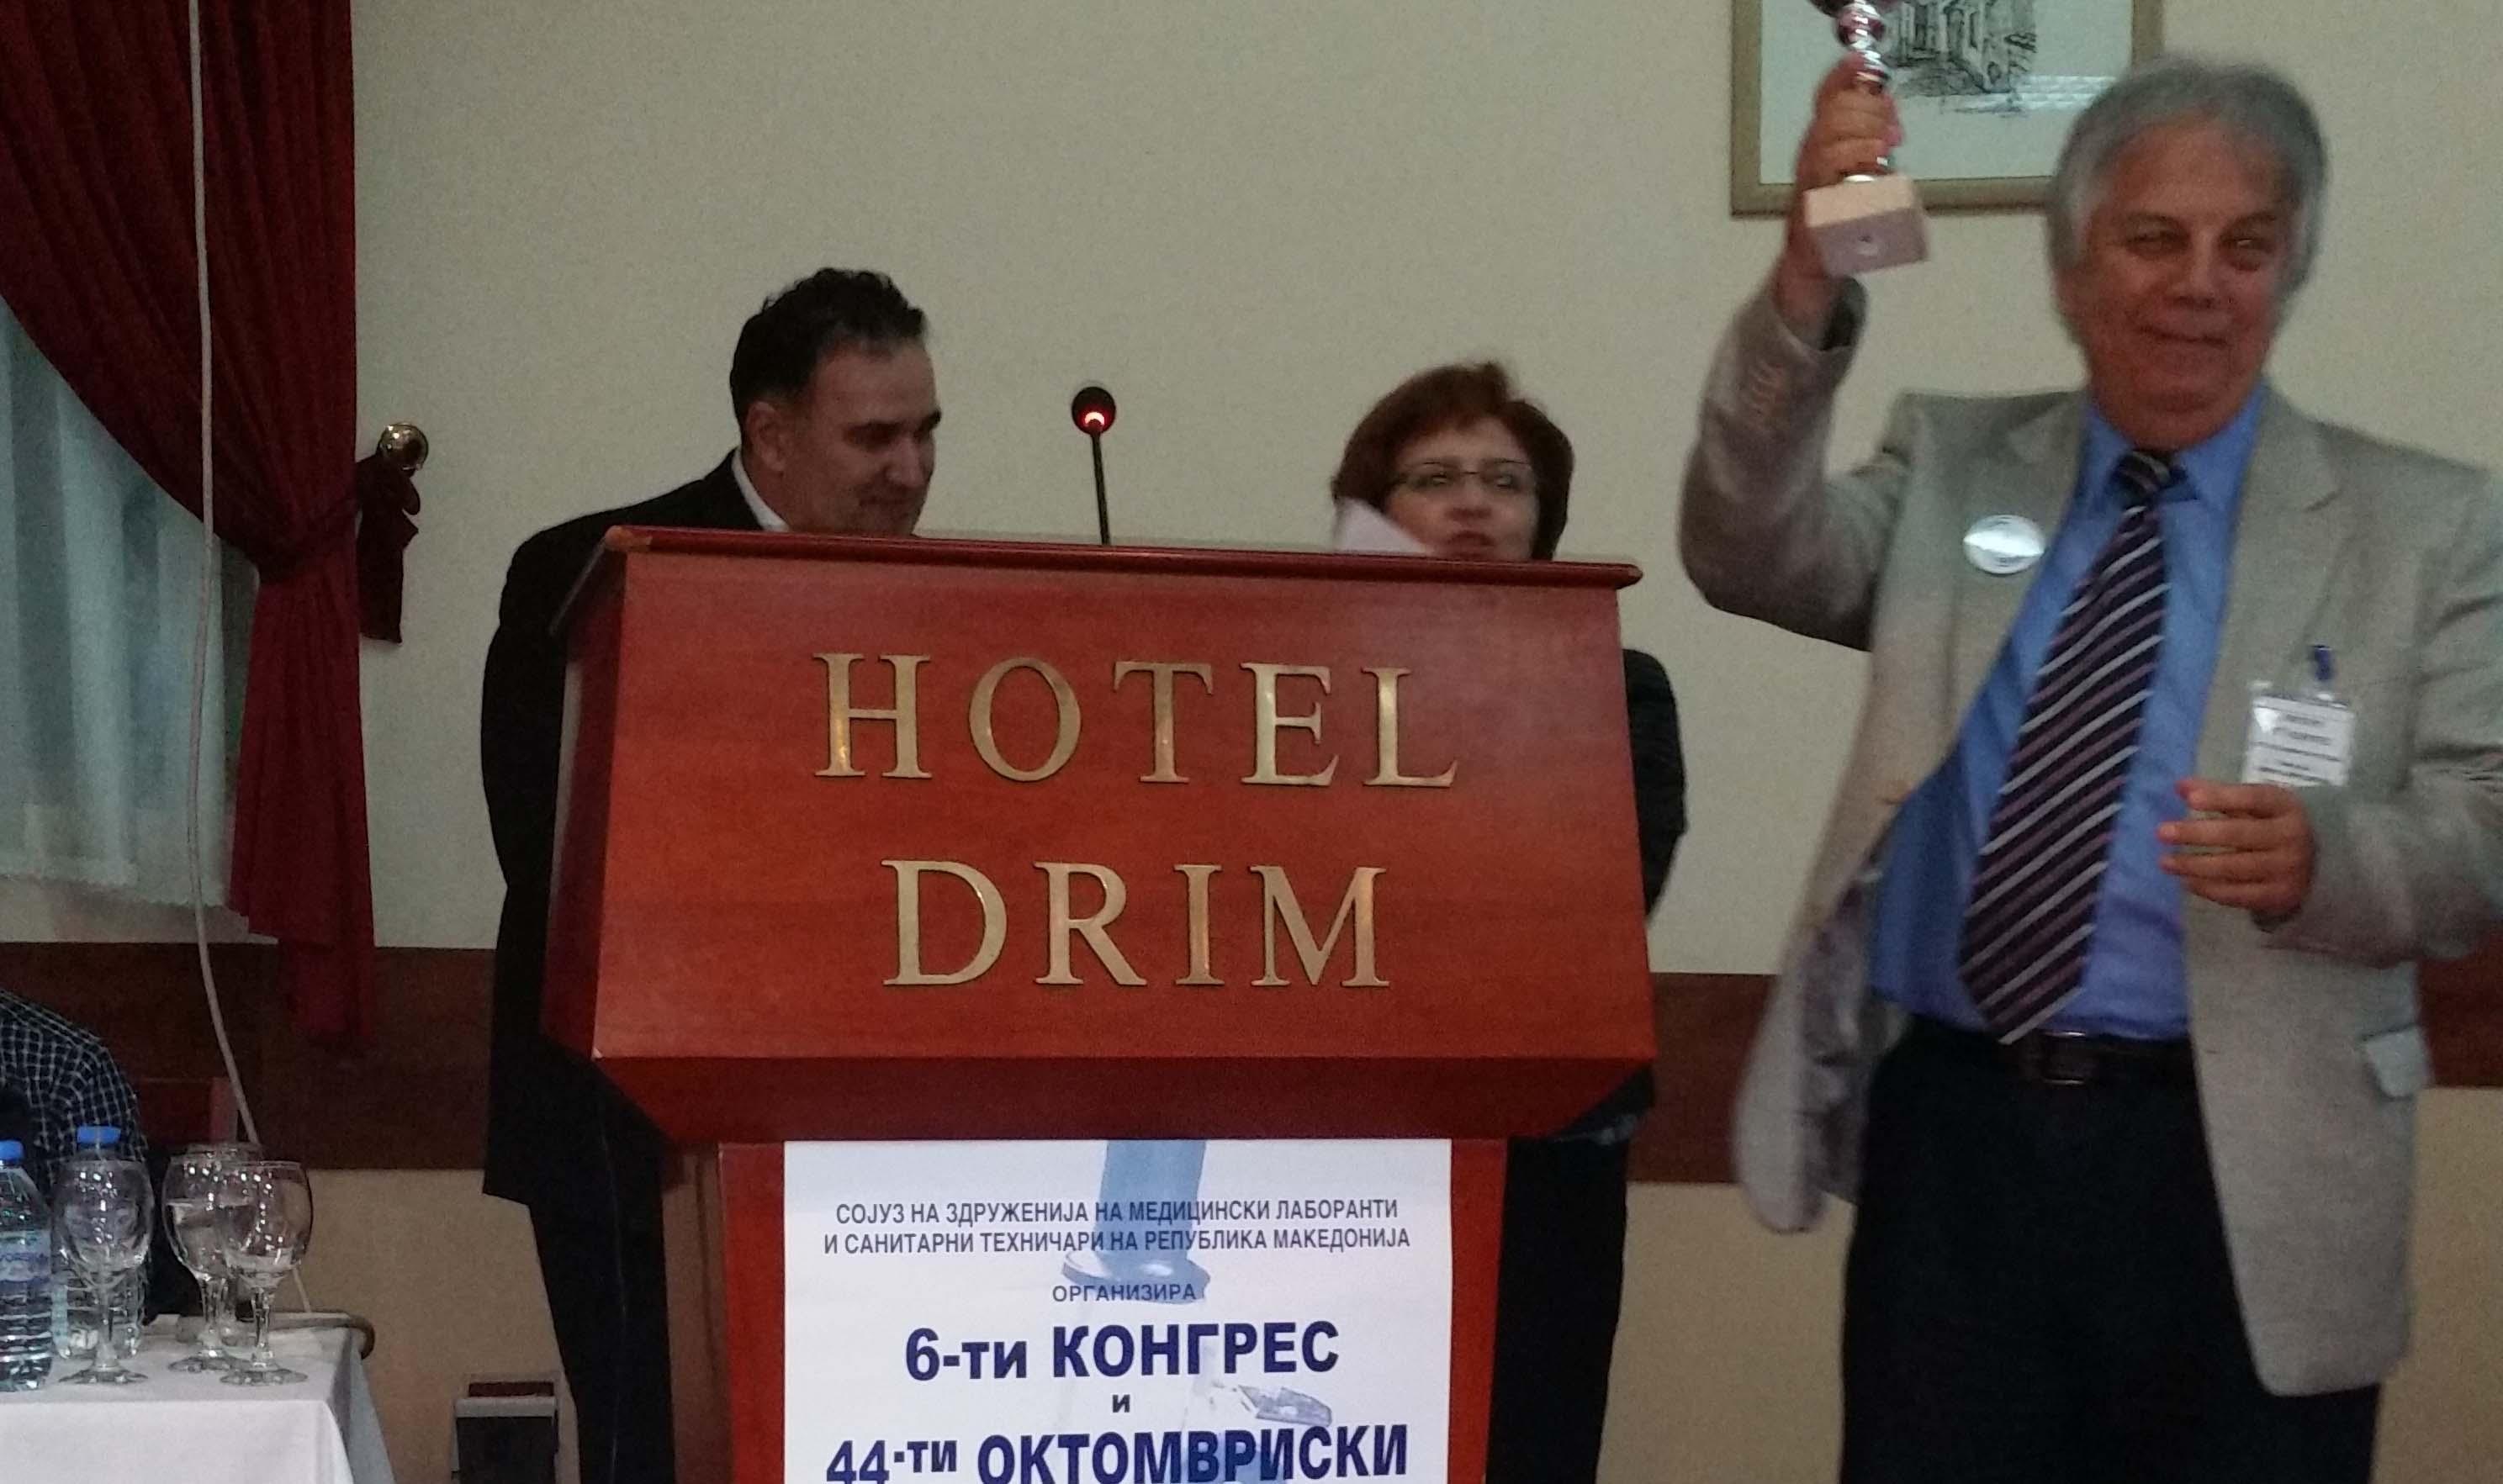 6-ти Конгрес на Сојуз на Здруженија на медицински лаборанти на РМ и 44ти Октомвриски средби